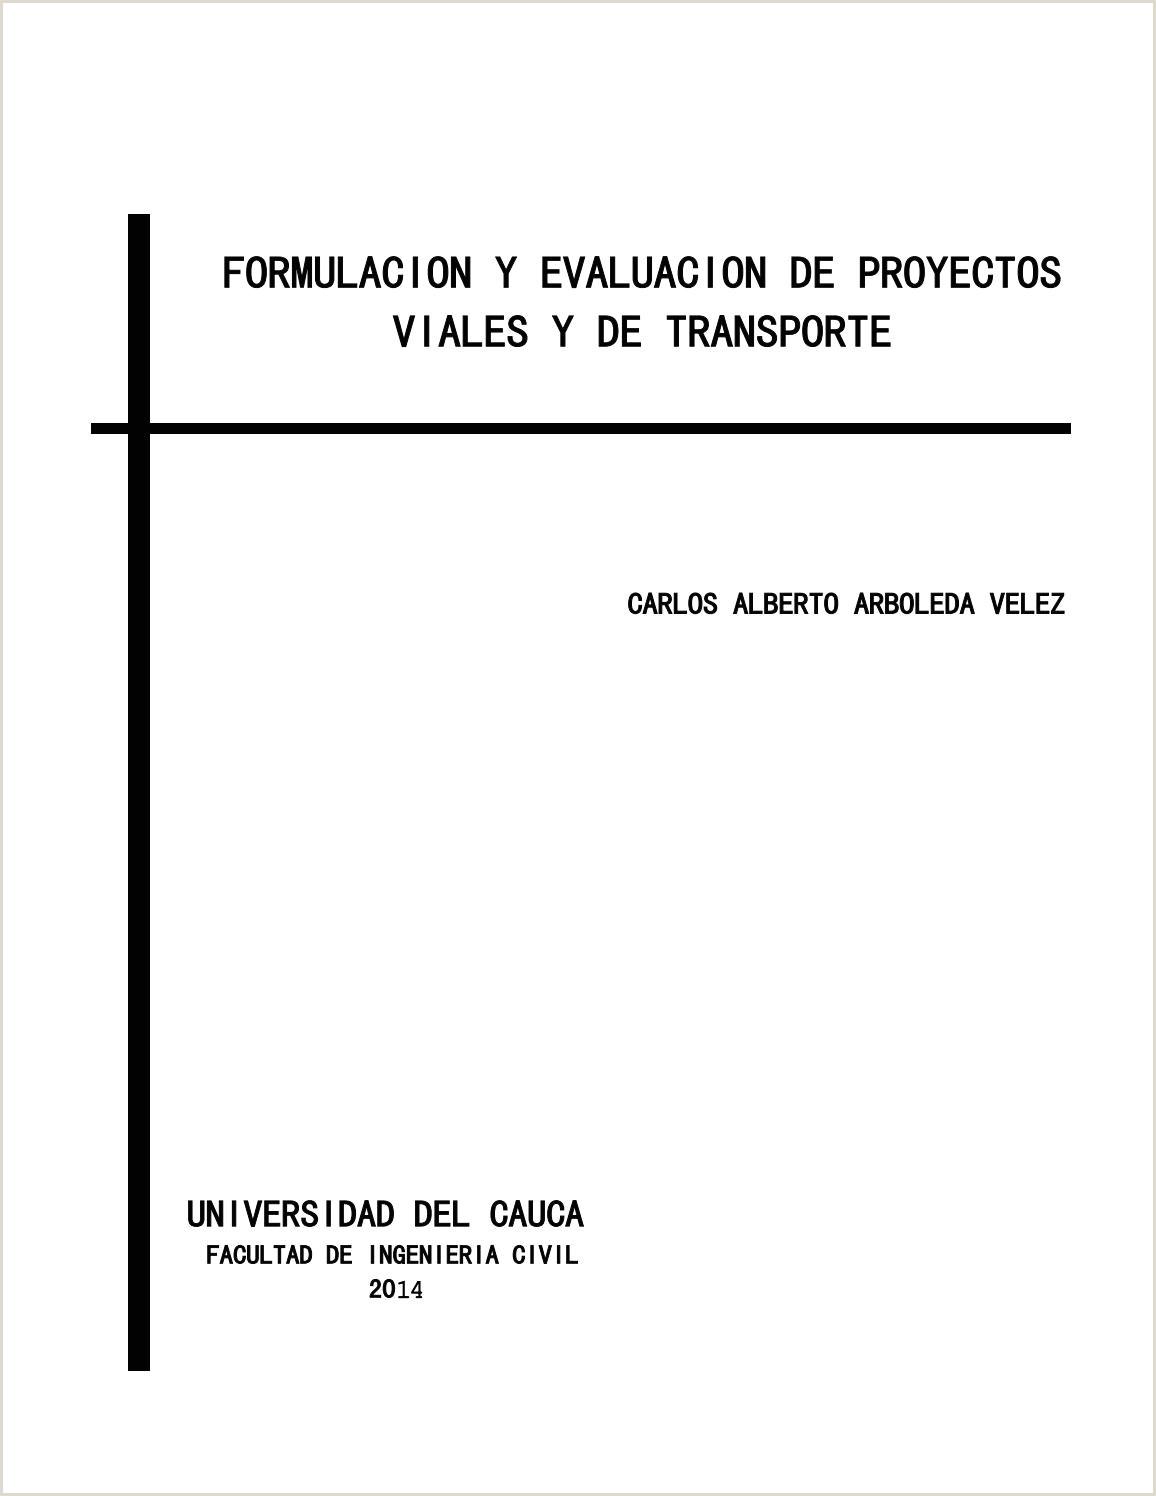 Formato Hoja De Vida Invias formulacion Y Evaluacion De Proyectos Viales Y De Transporte